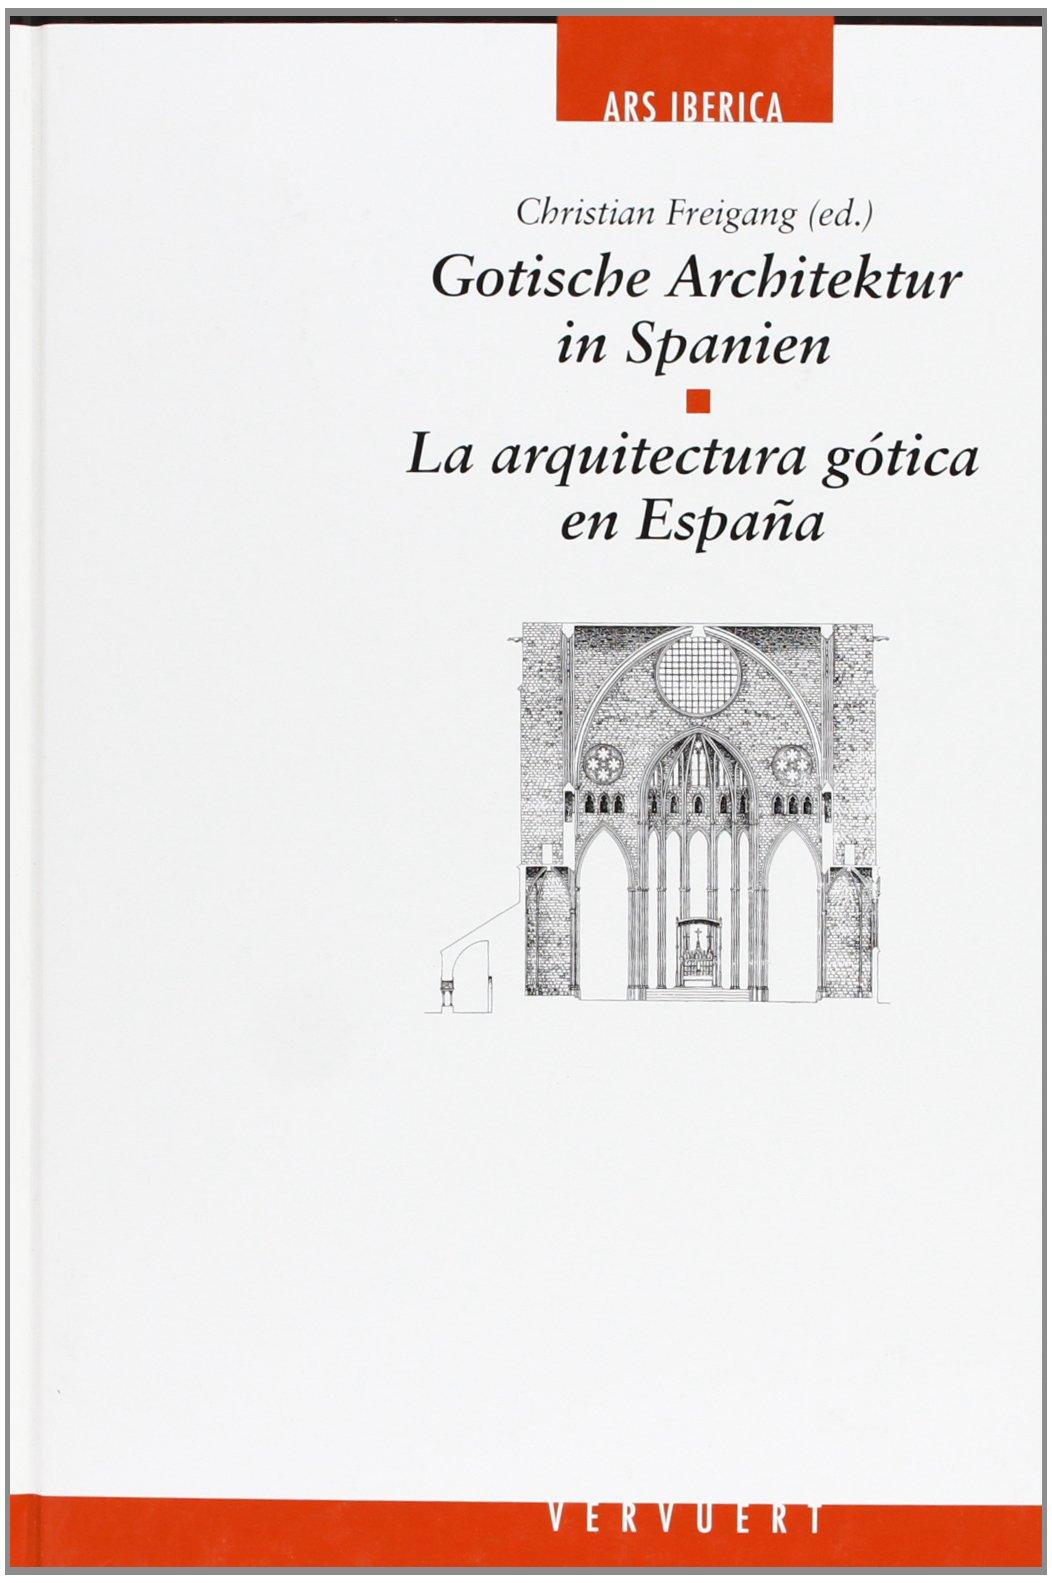 La arquitectura gótica en España=Gotische Architektur in Spanien ...